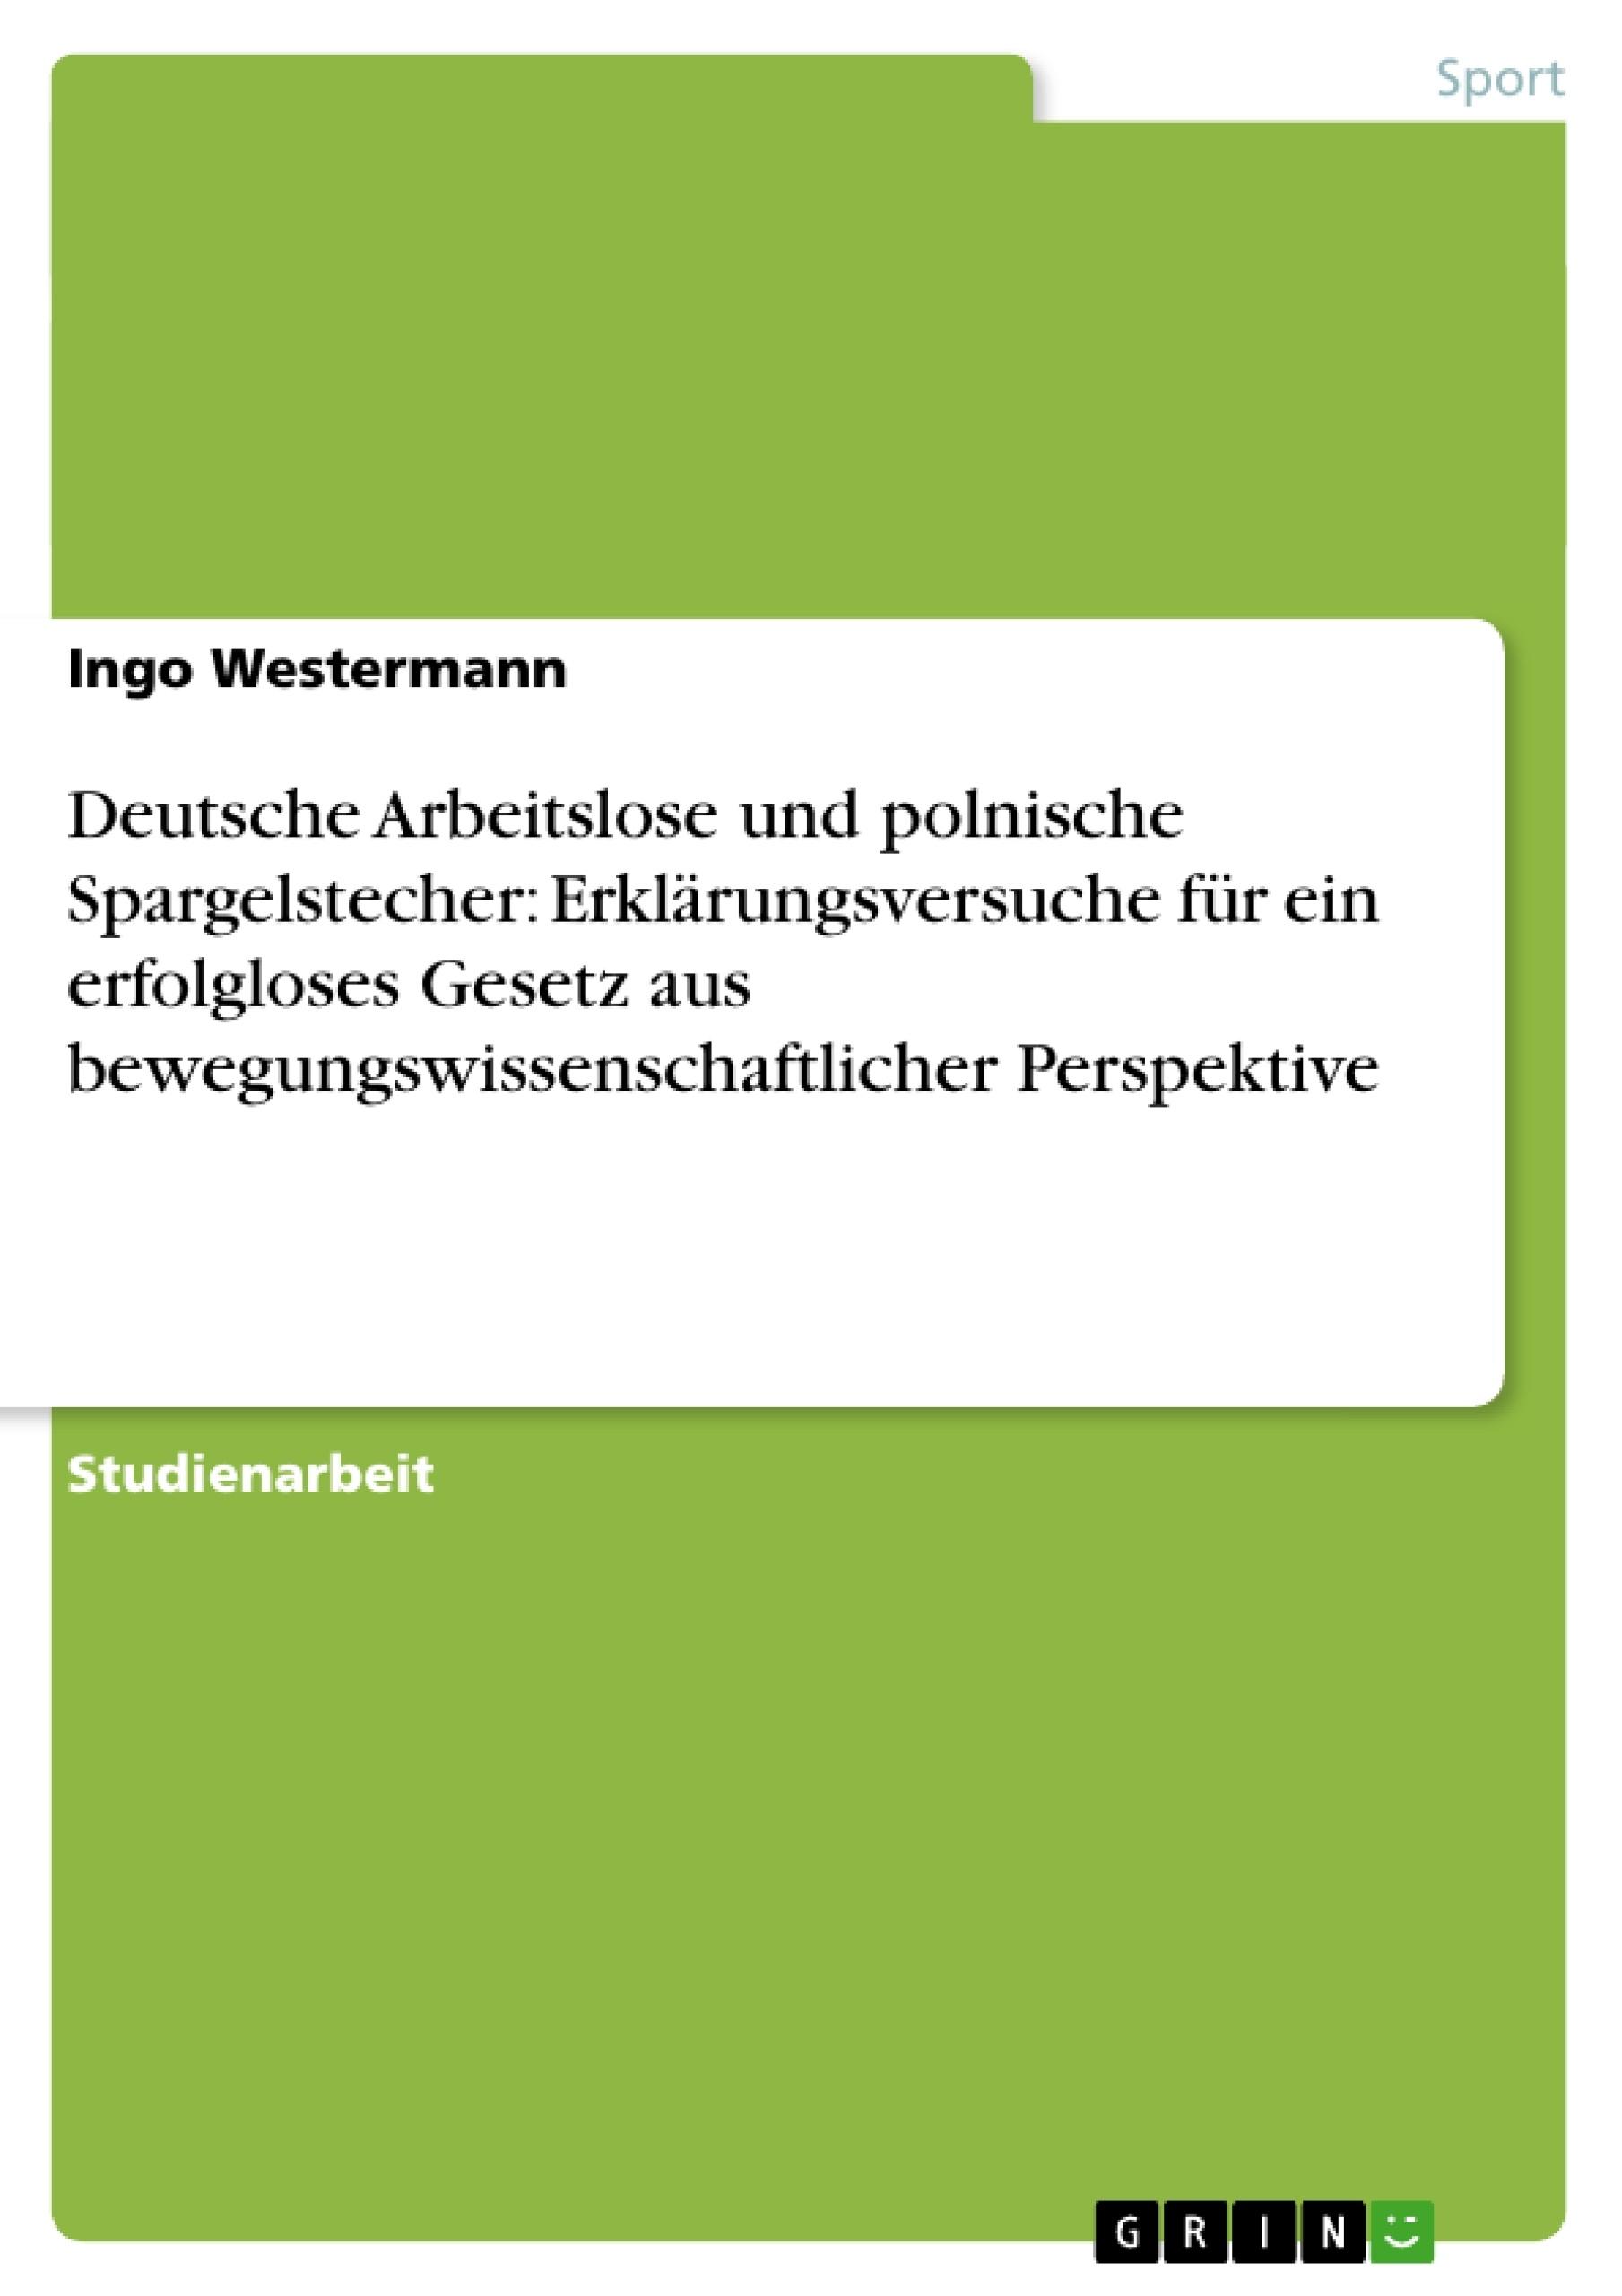 Titel: Deutsche Arbeitslose und polnische Spargelstecher: Erklärungsversuche für ein erfolgloses Gesetz aus bewegungswissenschaftlicher Perspektive